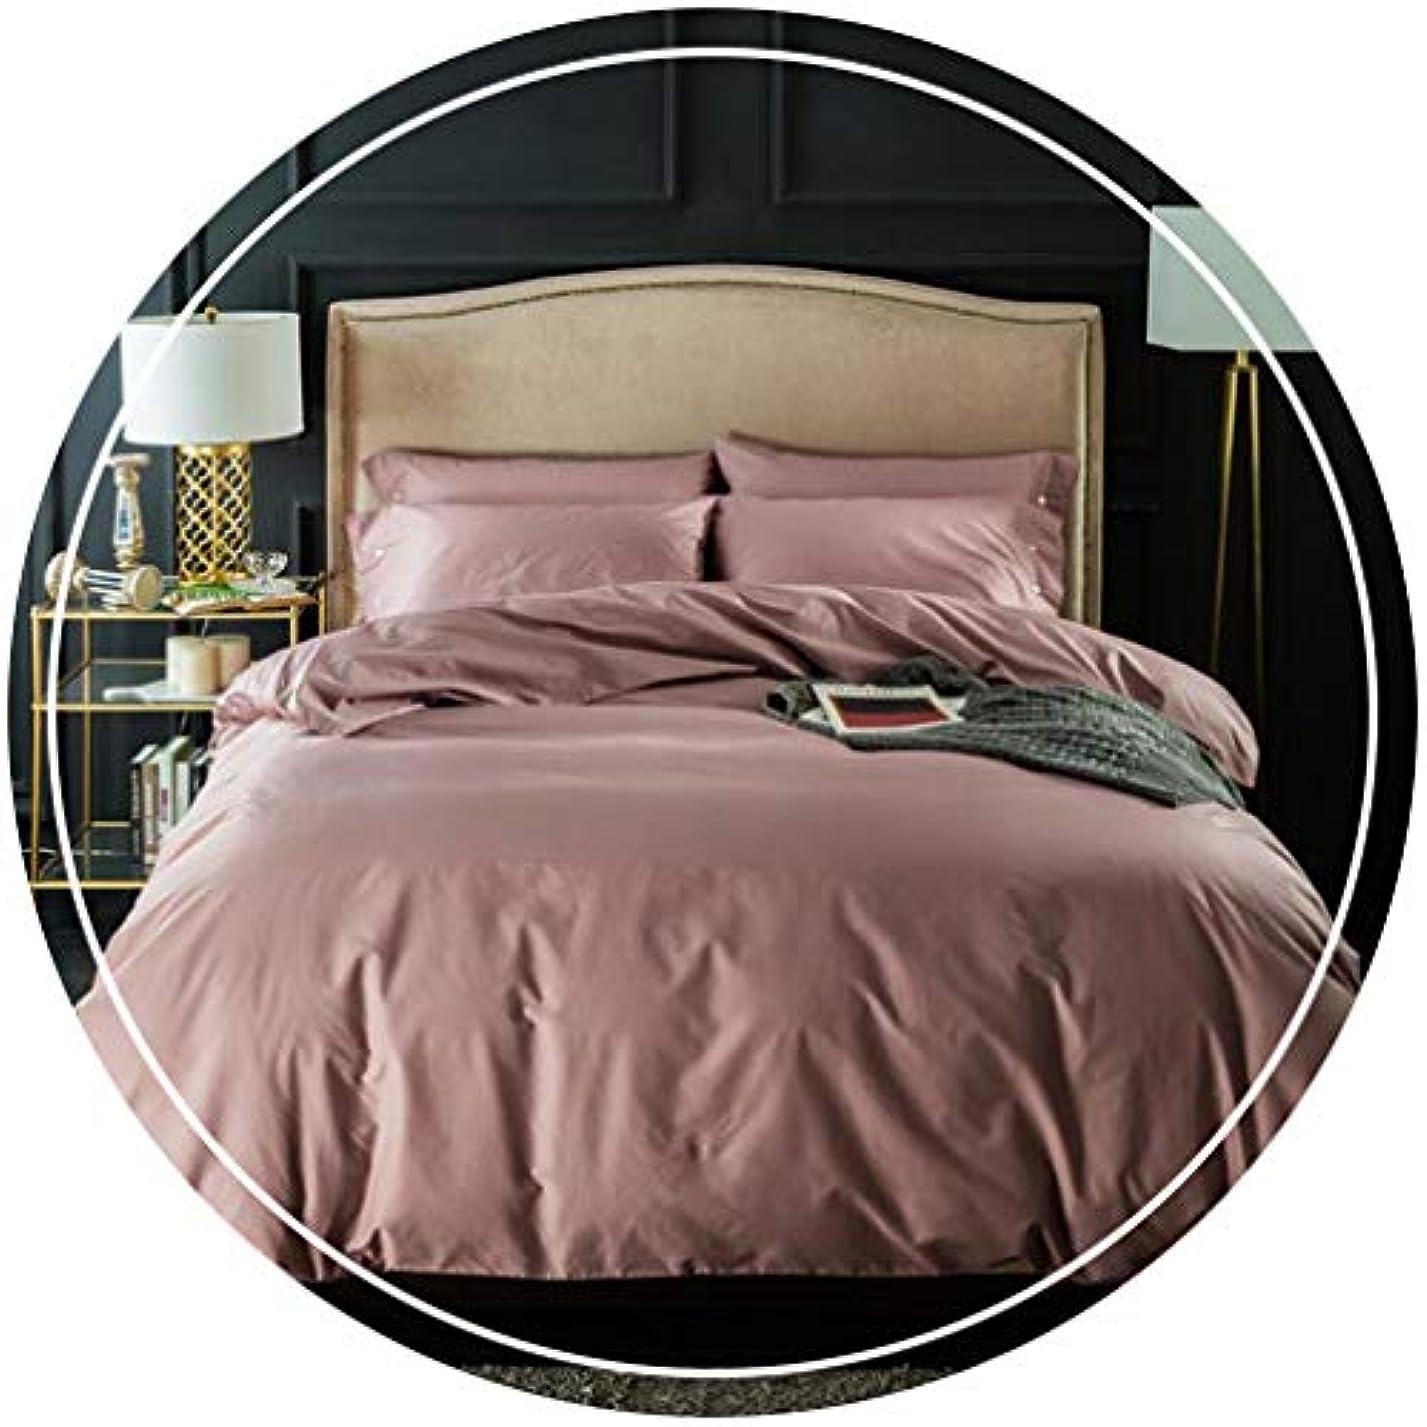 毎日グリース混乱したHUYYA シートカバー、寝具カバーセット 柔らかく快適 4枚セットのシート マイクロファイバー シーツと枕セット,Bean powder_Increase